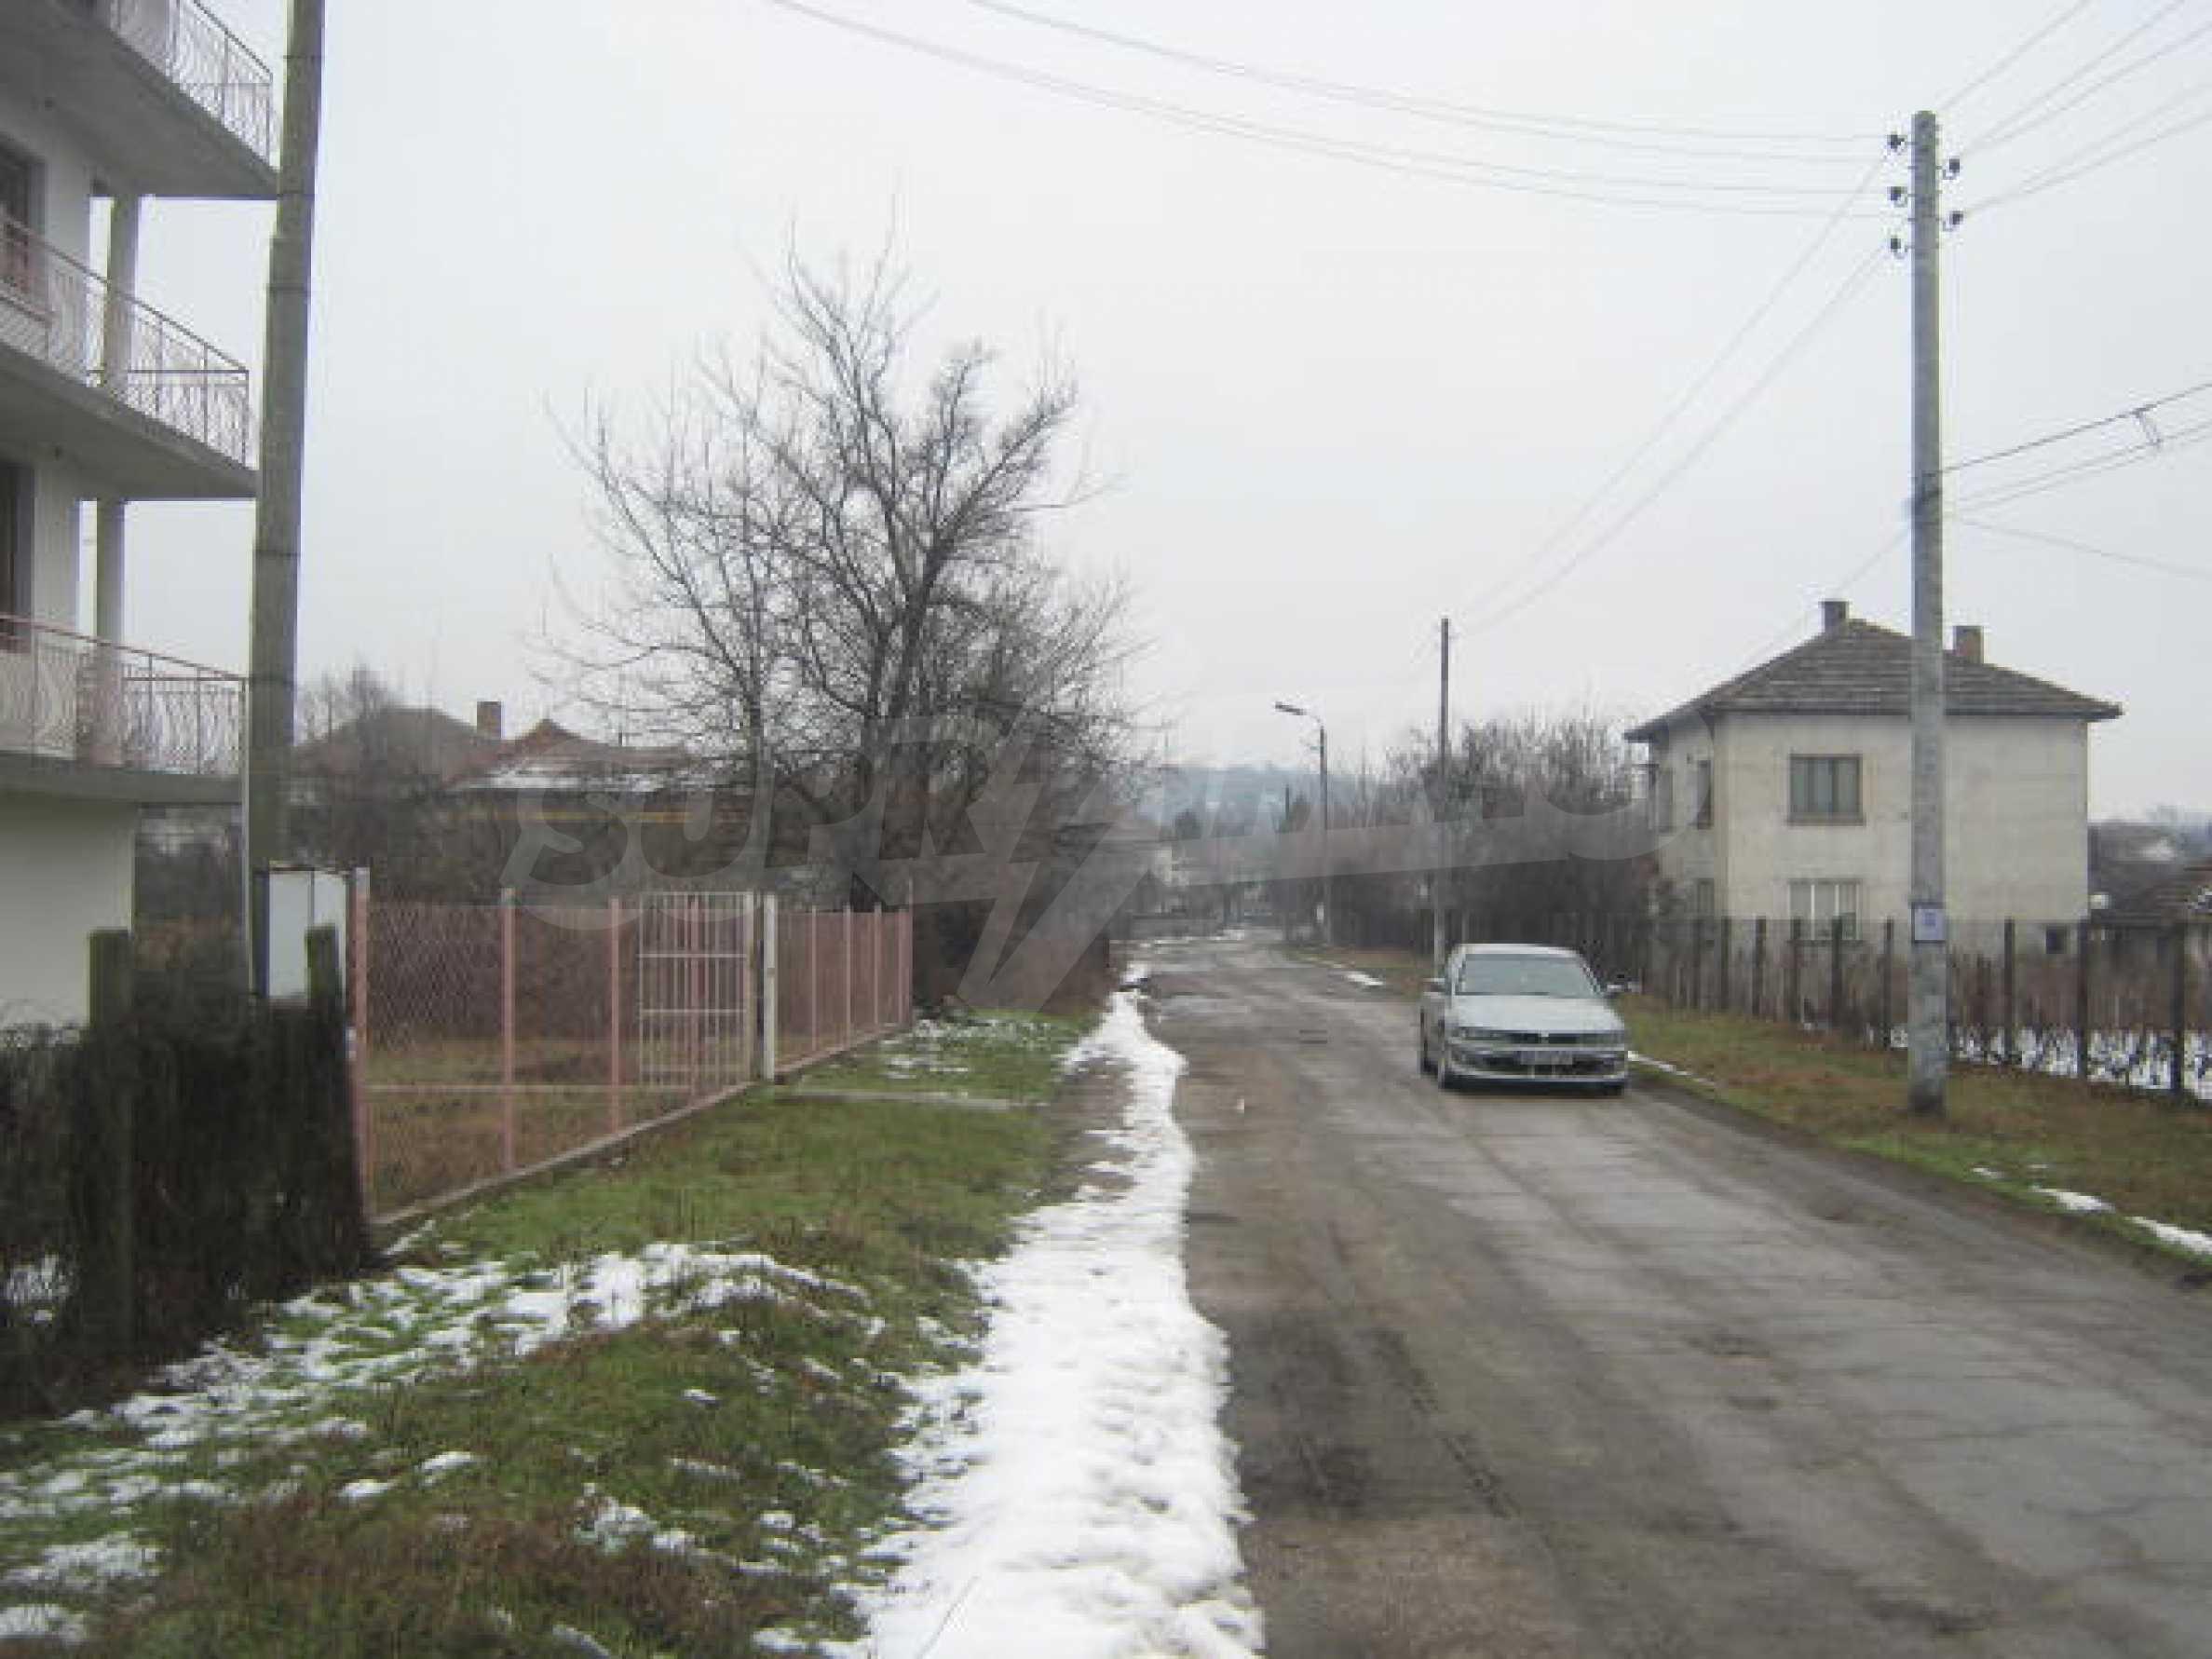 Vierstöckiges Haus mit Hof in der Nähe von der Stadt Widin 21